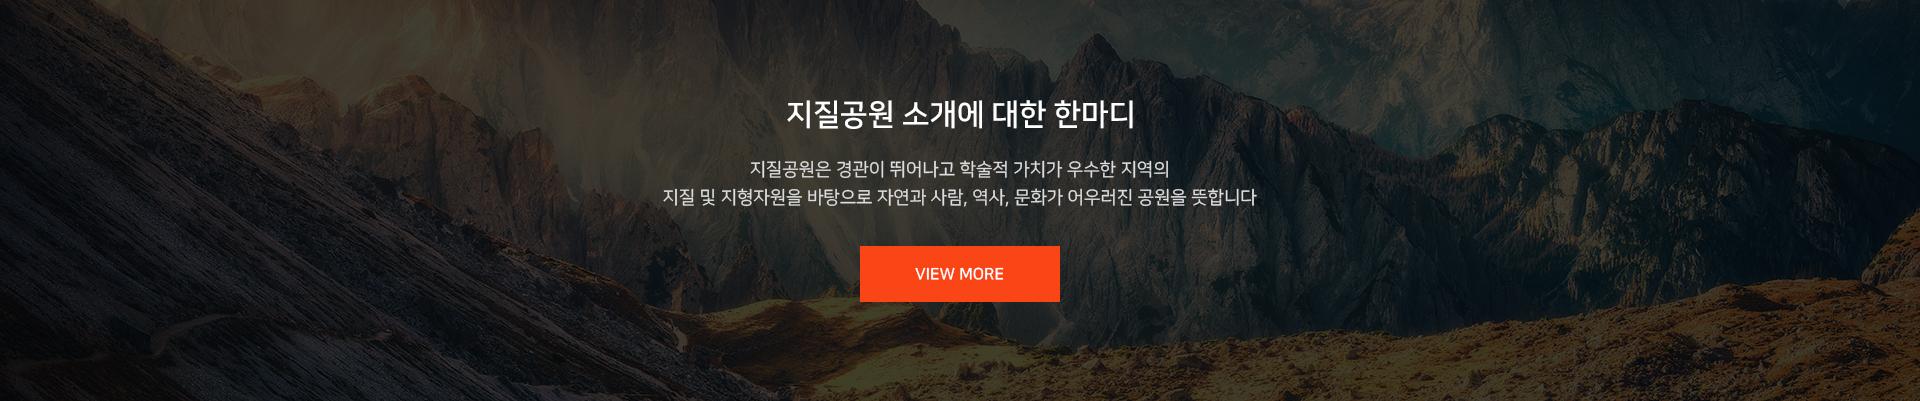 지질공원소개